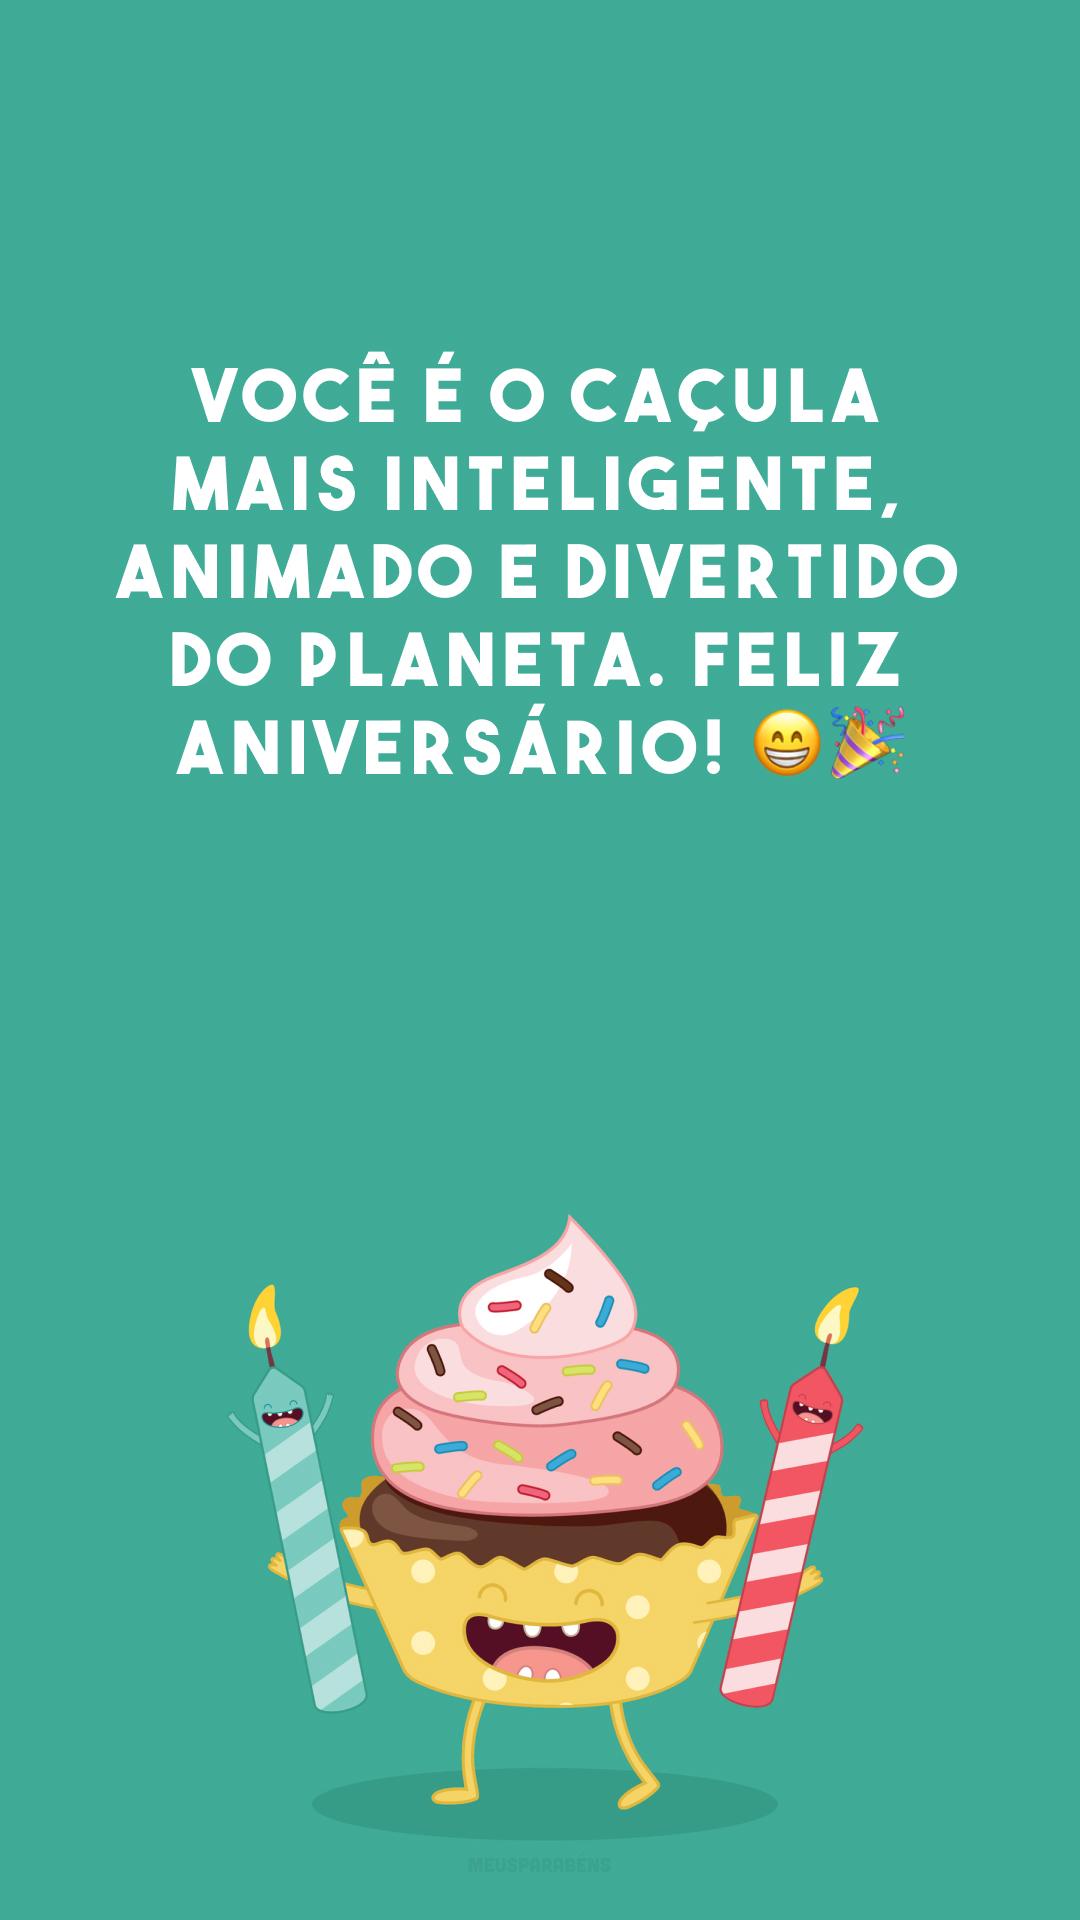 Você é o caçula mais inteligente, animado e divertido do planeta. Feliz aniversário! 😁🎉